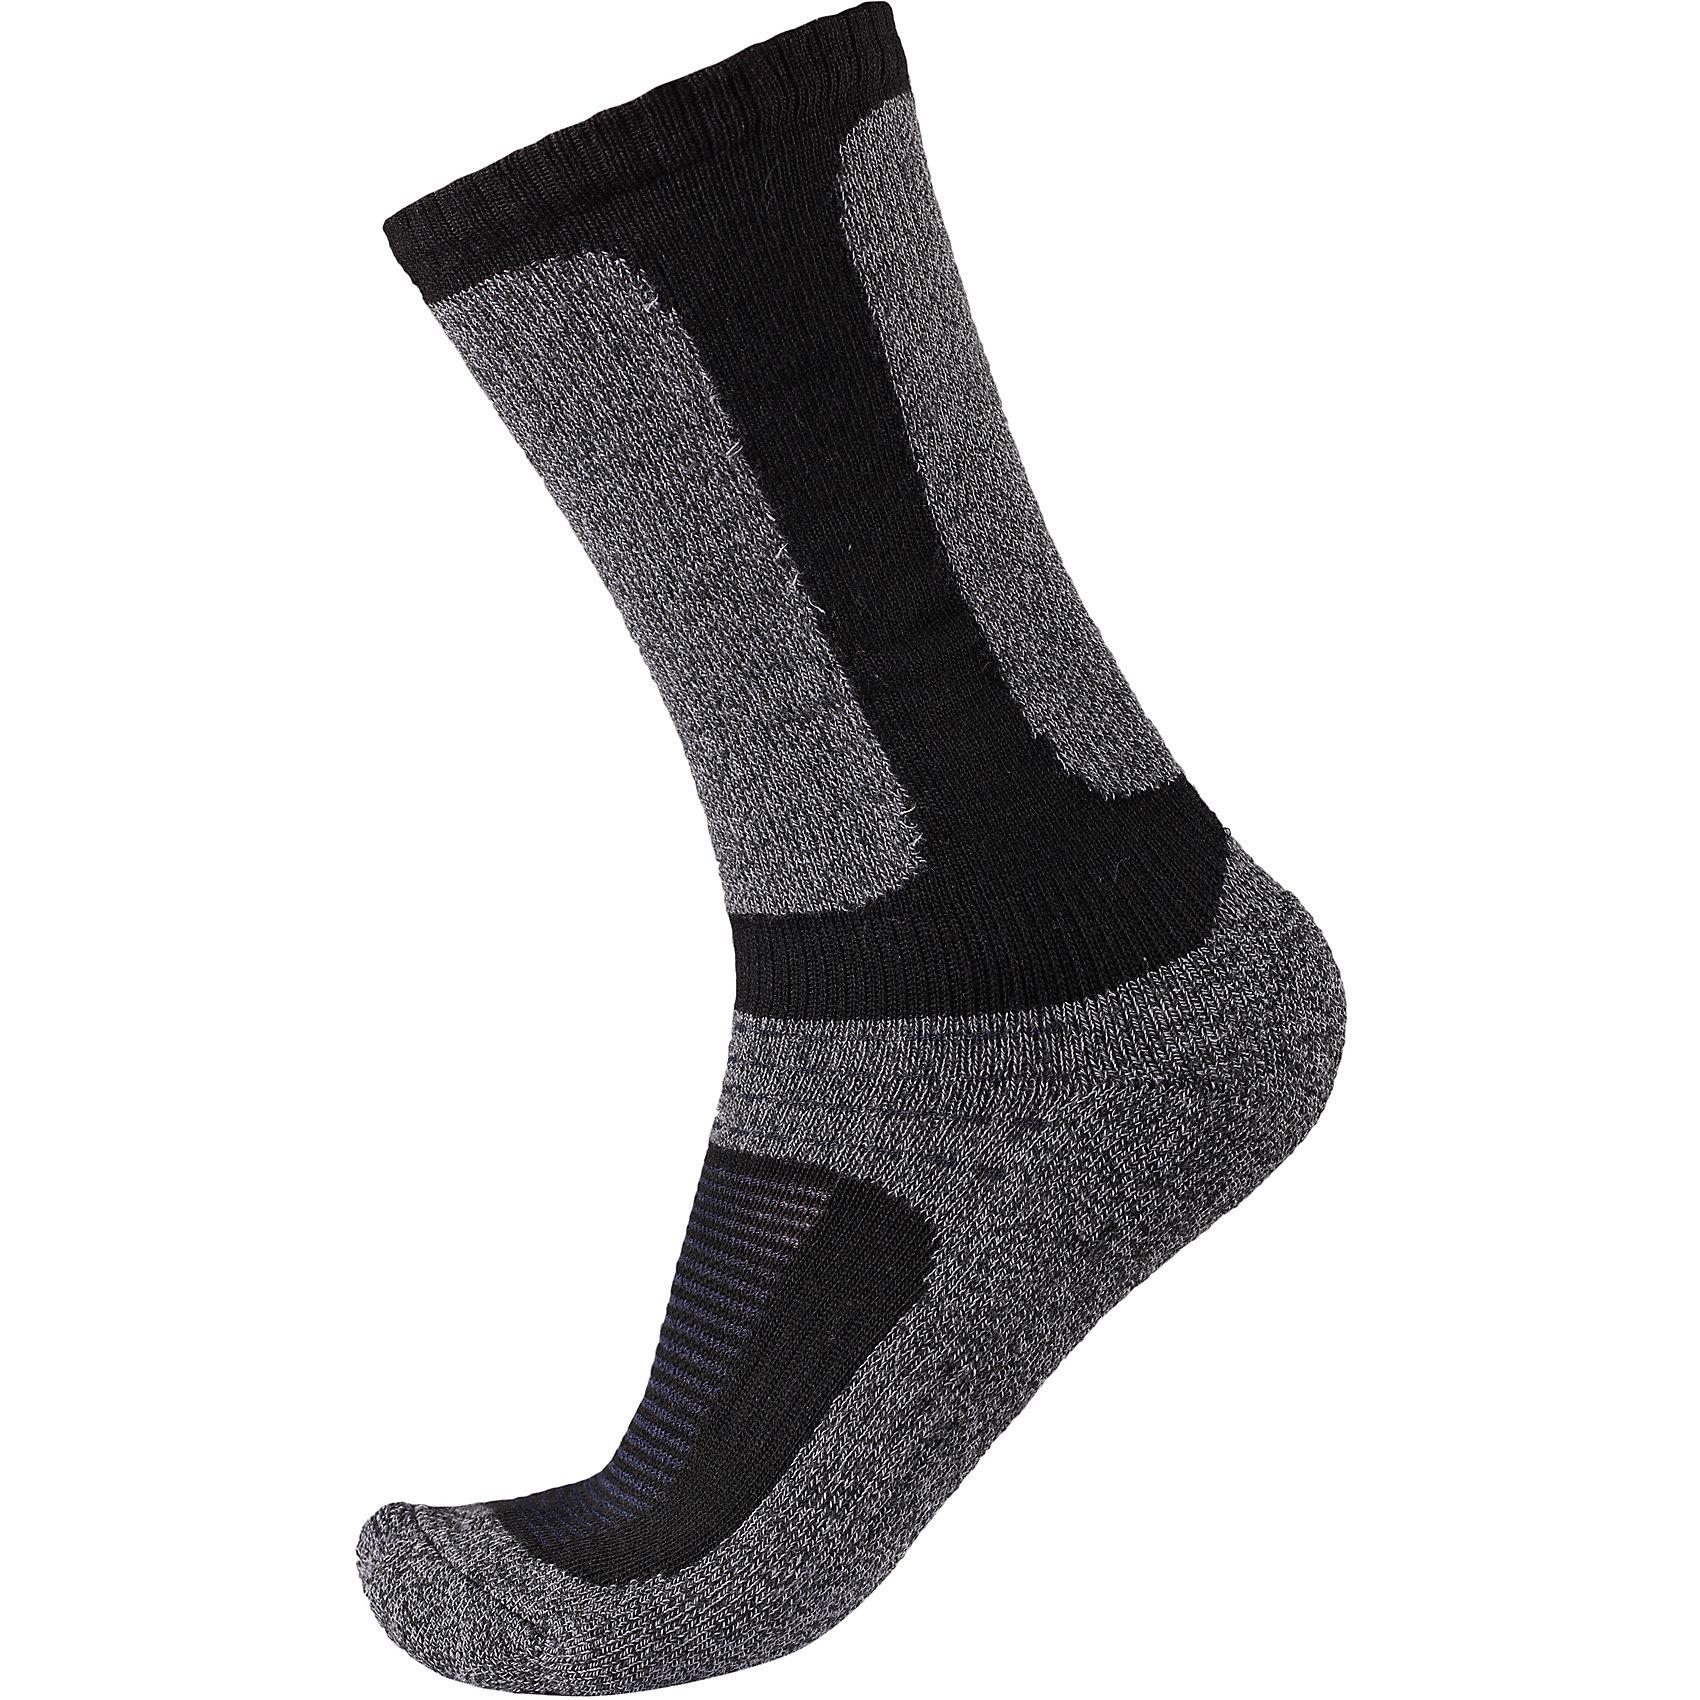 Носки Loma для мальчика ReimaНоски  Reima<br>Носки для детей и подростков. Coolmax® отводит влагу, а шерсть сохраняет тепло. Мягкий теплый футер с внутренней стороны для максимального комфорта. Накладки на ступнях, лодыжках и больших пальцах. Благодаря удлиненной вязаной резинке носок не съезжает. Быстро сохнет и сохраняет тепло.<br>Уход:<br>0<br>Состав:<br>24% Шерсть, 66% полиэстер COOLMAX®, 5% эластан, 5% полиамид<br><br>Ширина мм: 87<br>Глубина мм: 10<br>Высота мм: 105<br>Вес г: 115<br>Цвет: черный<br>Возраст от месяцев: 156<br>Возраст до месяцев: 168<br>Пол: Мужской<br>Возраст: Детский<br>Размер: 38,30,26,34<br>SKU: 4774955